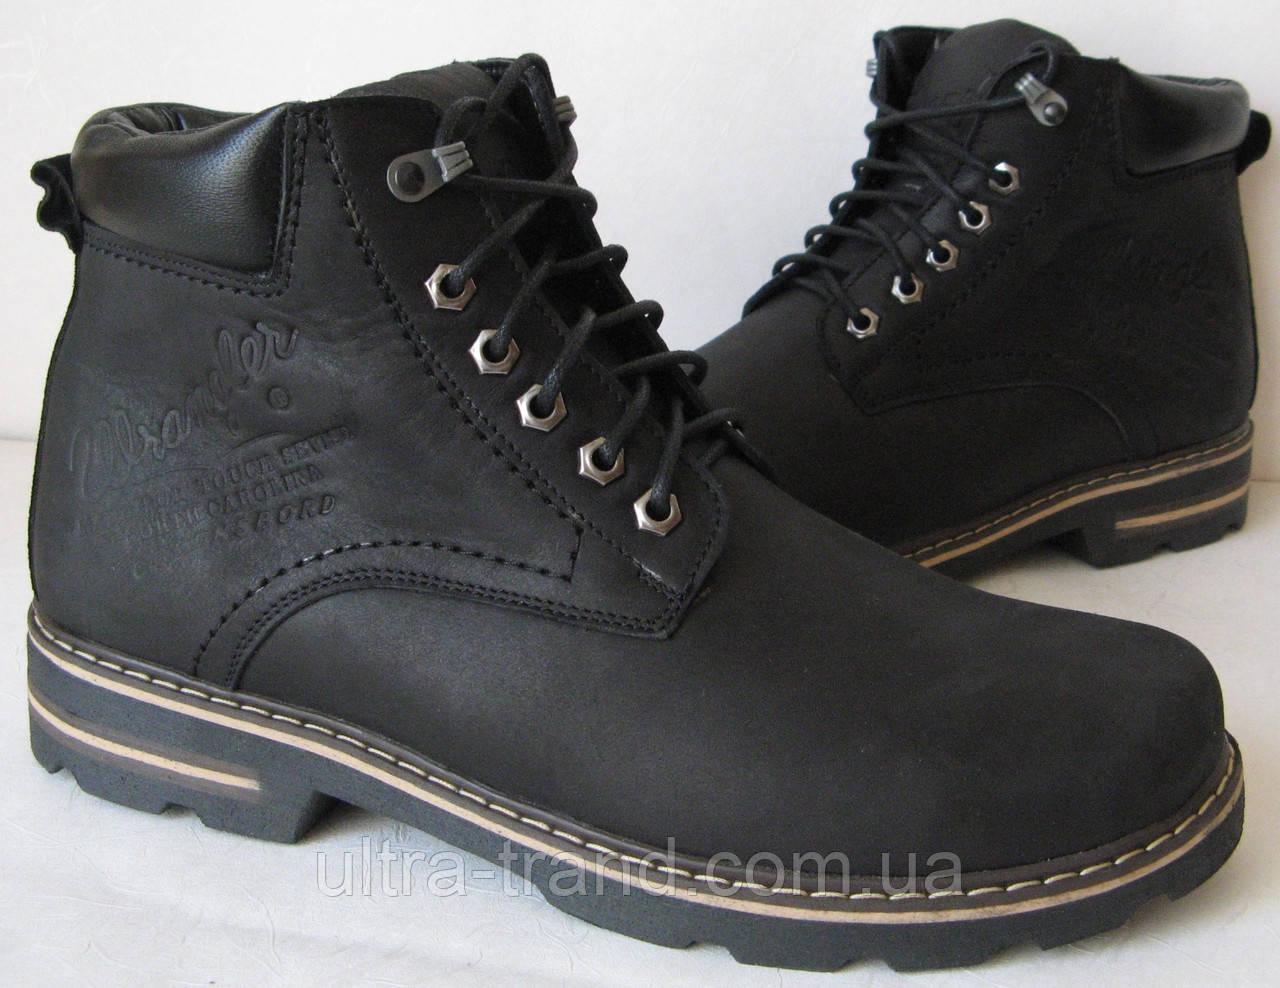 Мужские зимние кожанные ботинки Wrangler черные